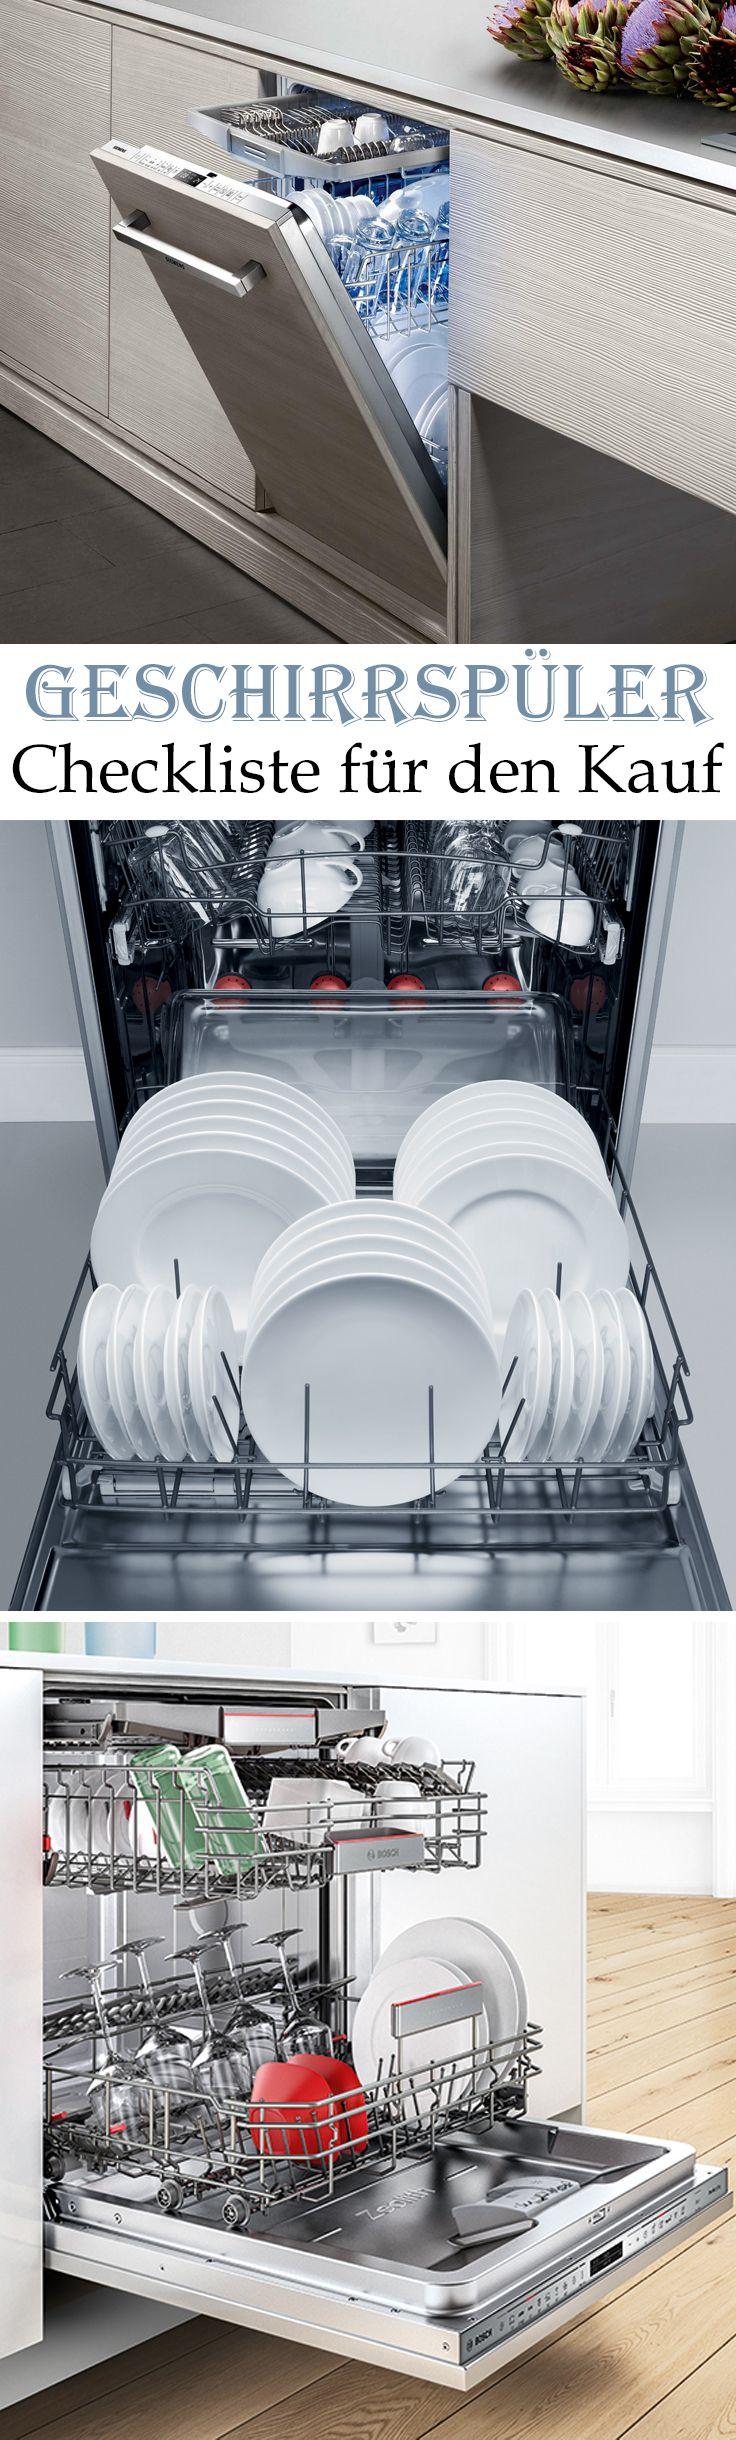 Bei Geschirrspülern geht es nicht nur um die Größe. Auch der Strom- und Wasserverbrauch und die Lautstärke der Spülmaschine sind wichtig beim Kauf. Wir verraten, worauf Sie beim Geschirrspüler kaufen achten müssen.